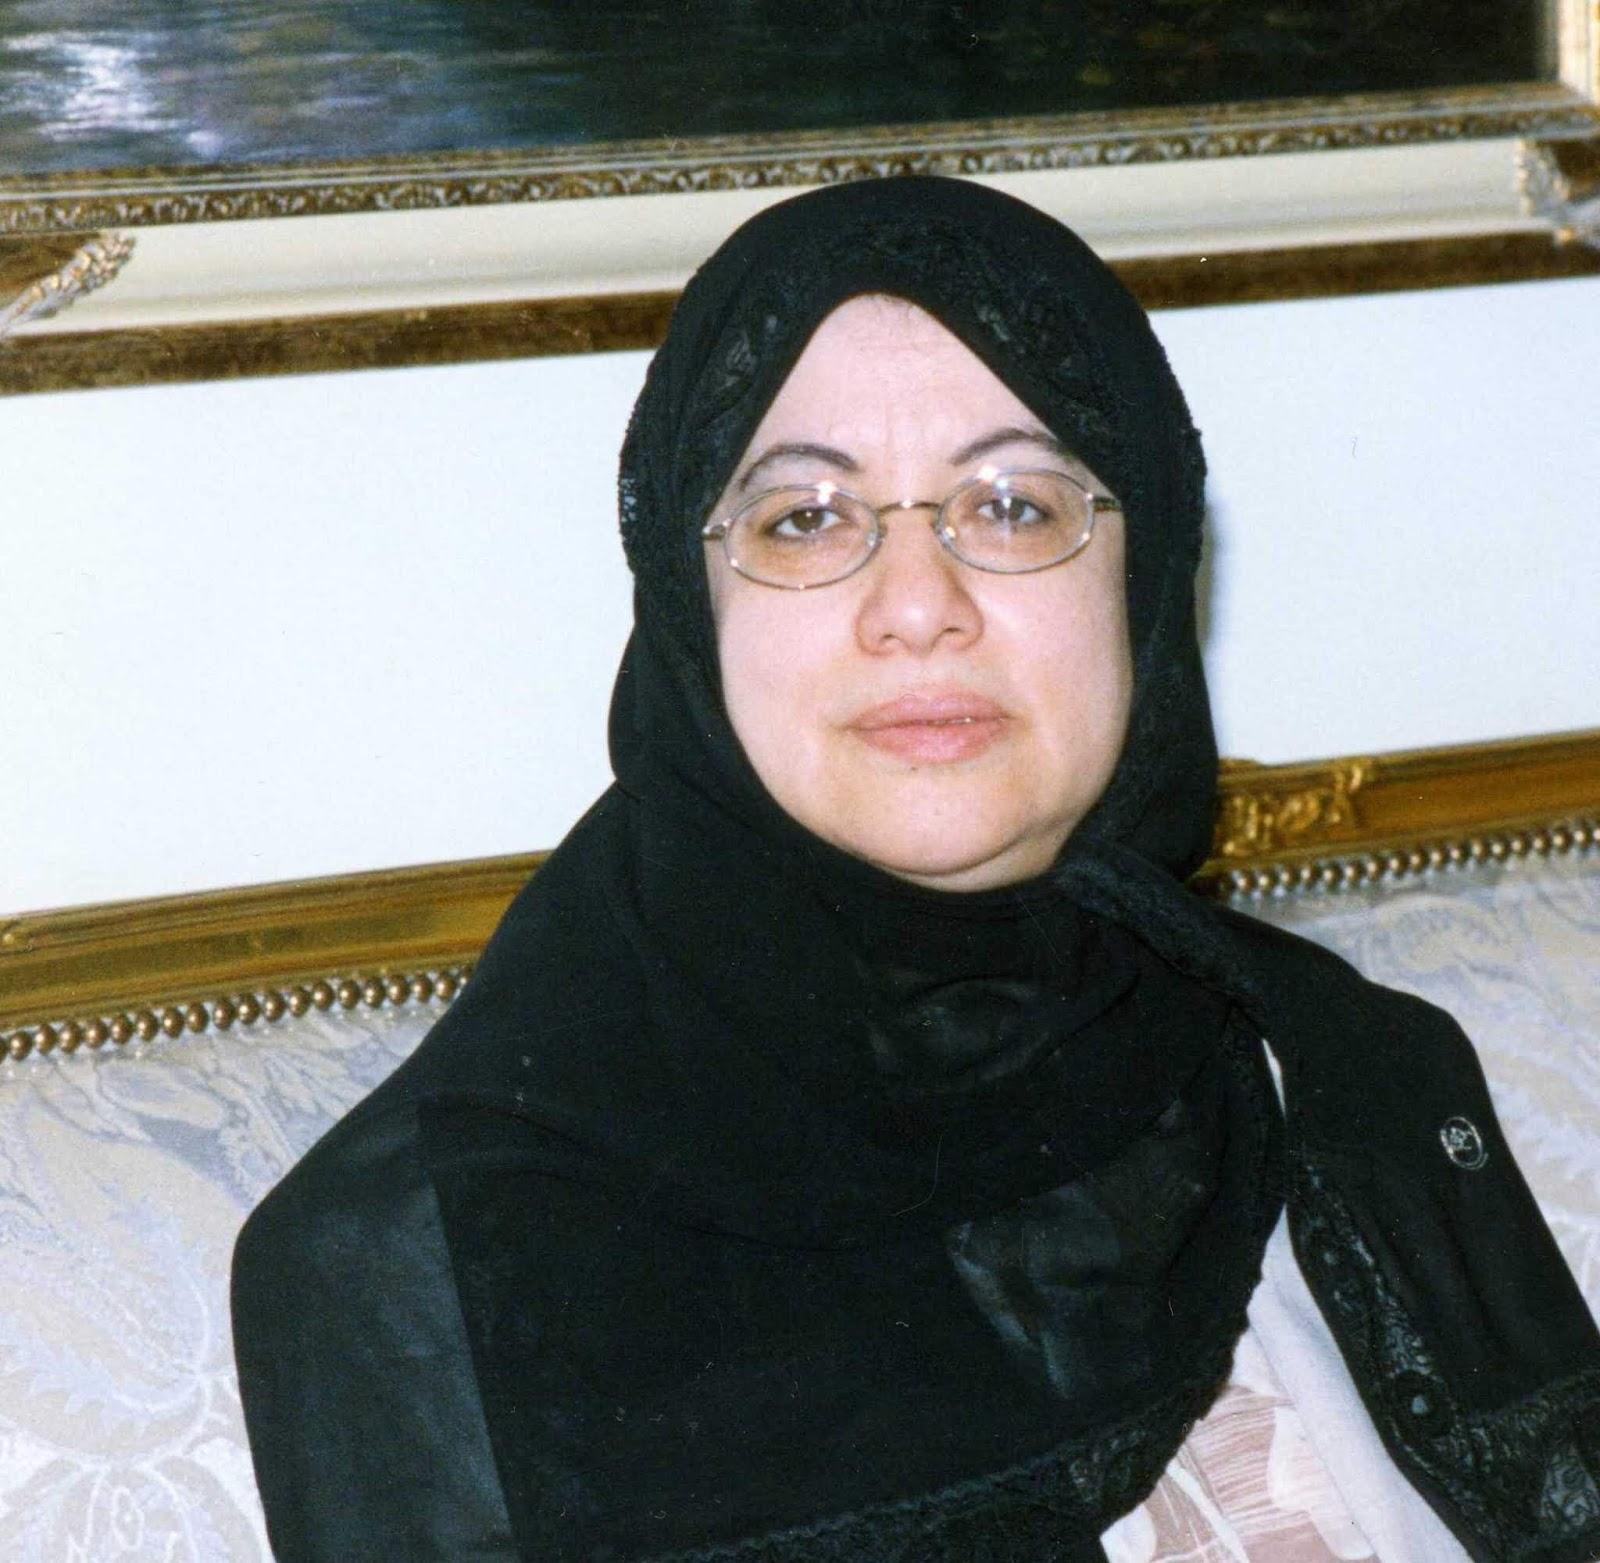 الحضارات العربية قبل الإسلام في مناهجنا الدراسية(1)